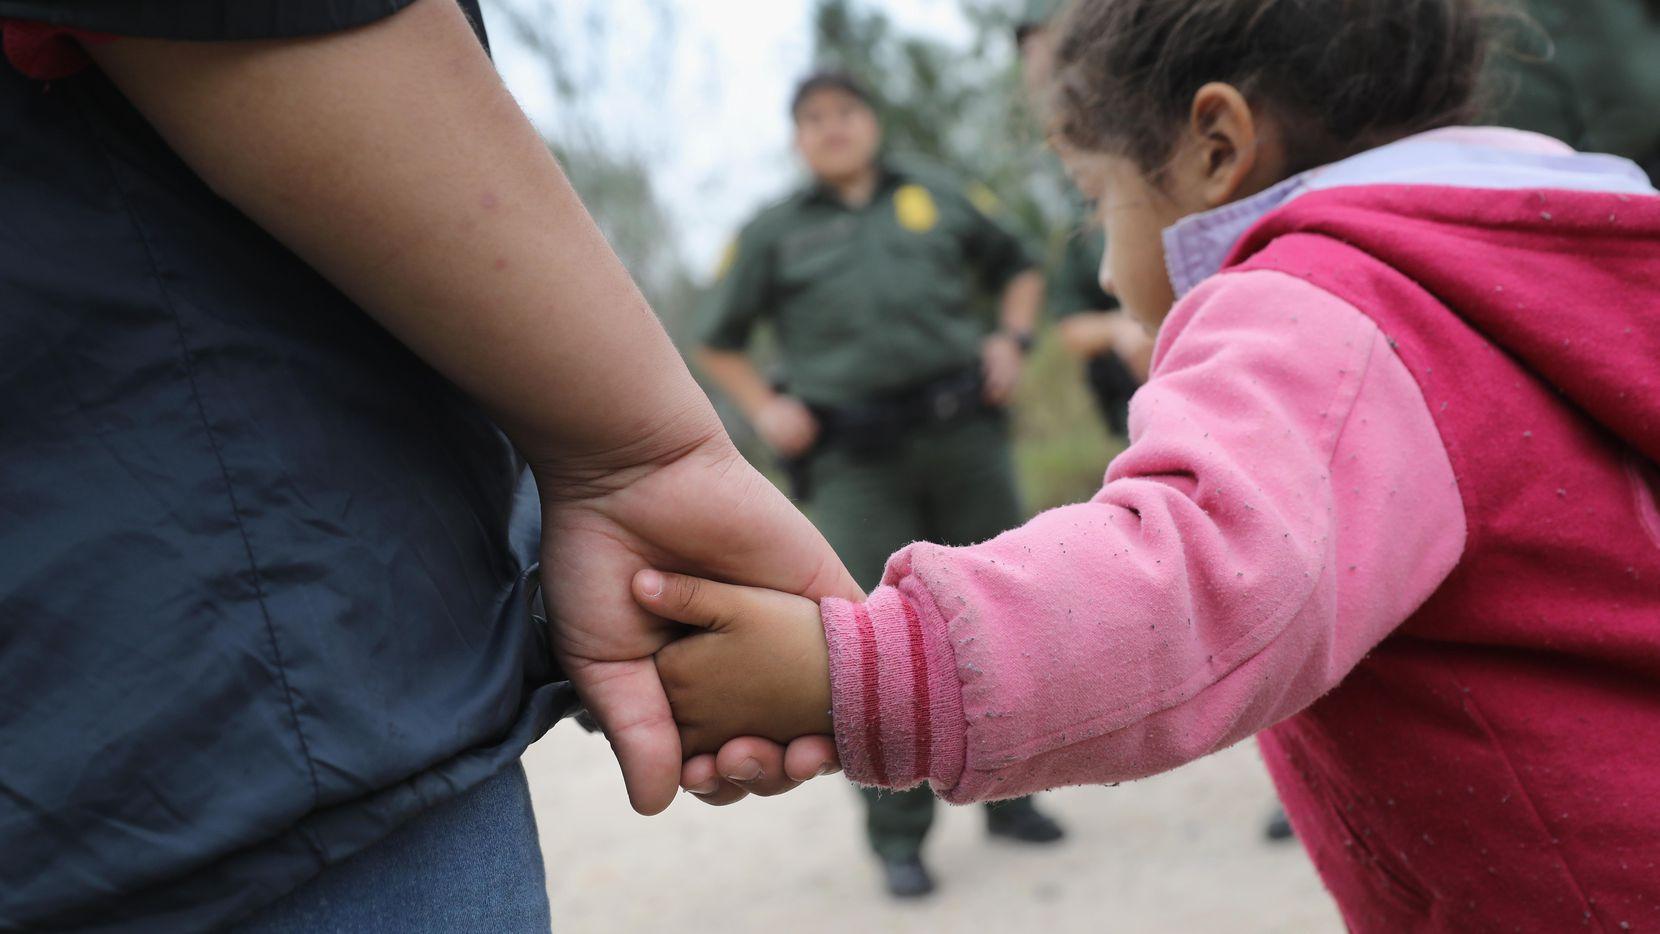 Una madres y su hija son arrestado en el sector de McAllen al sur de Texas, en la frontera entre México y Estados Unidos. (GETTY IMAGES)